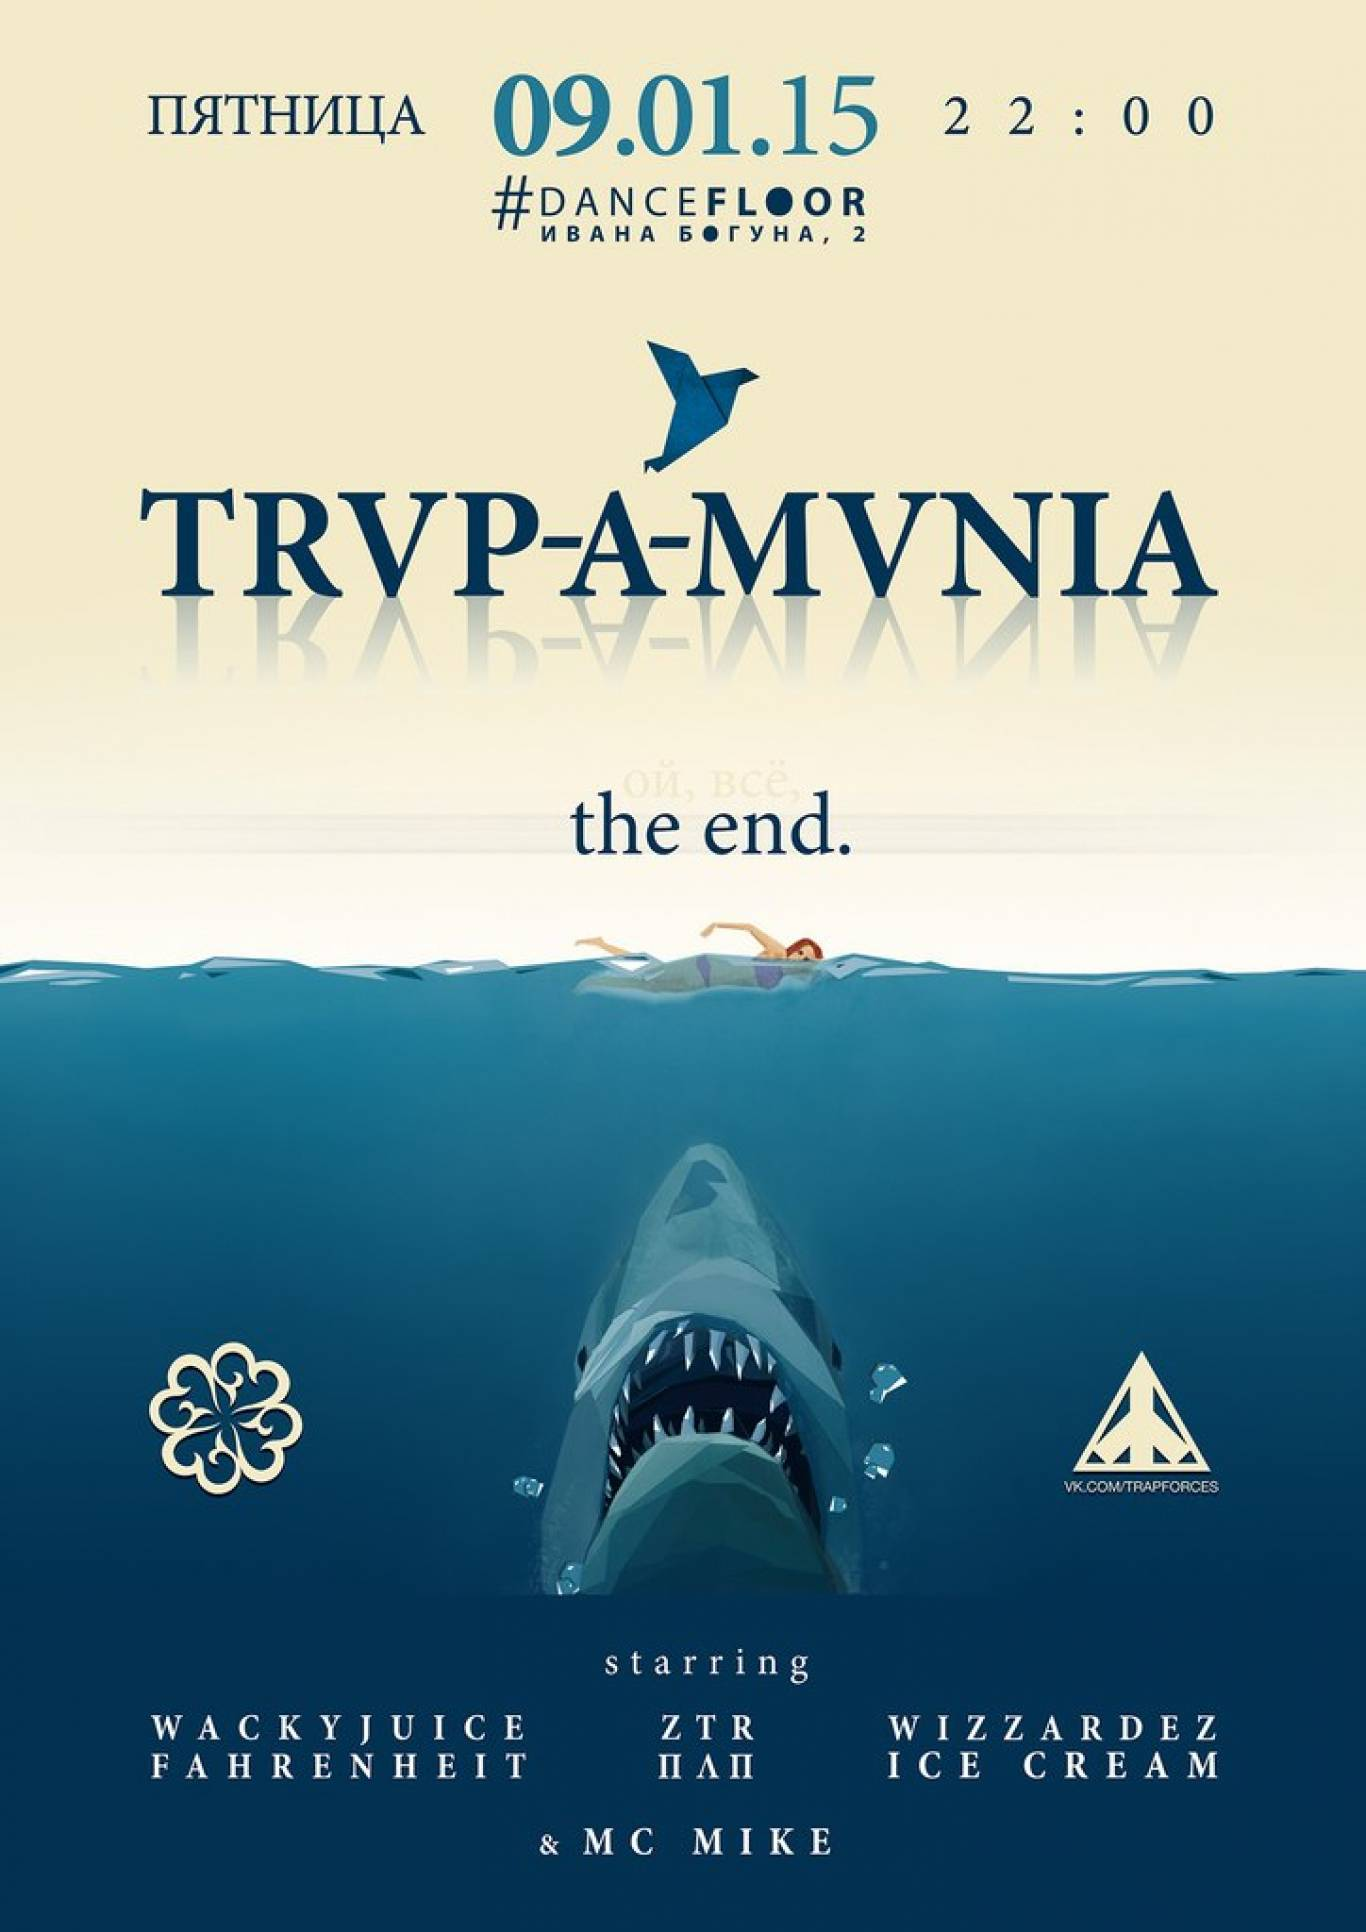 TRVP-A-MVNIA